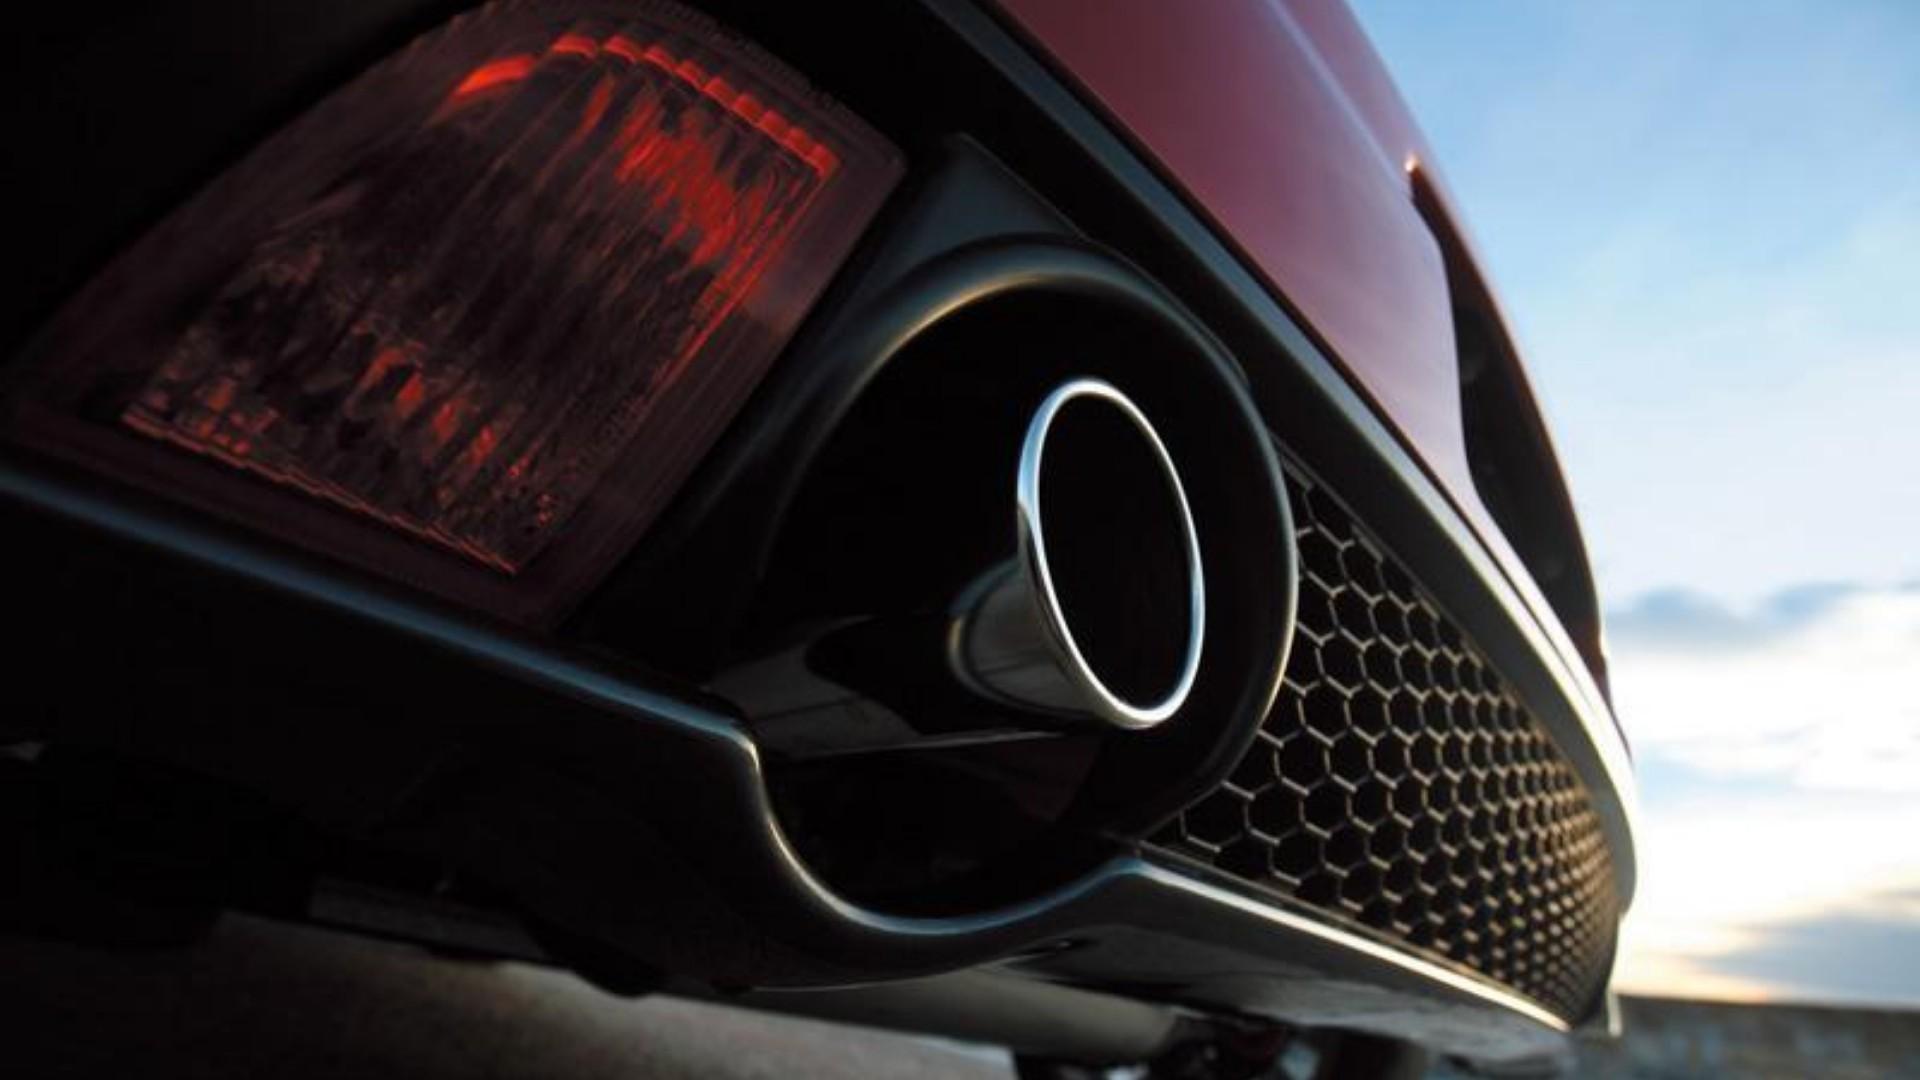 Reparación de turbos en Madrid